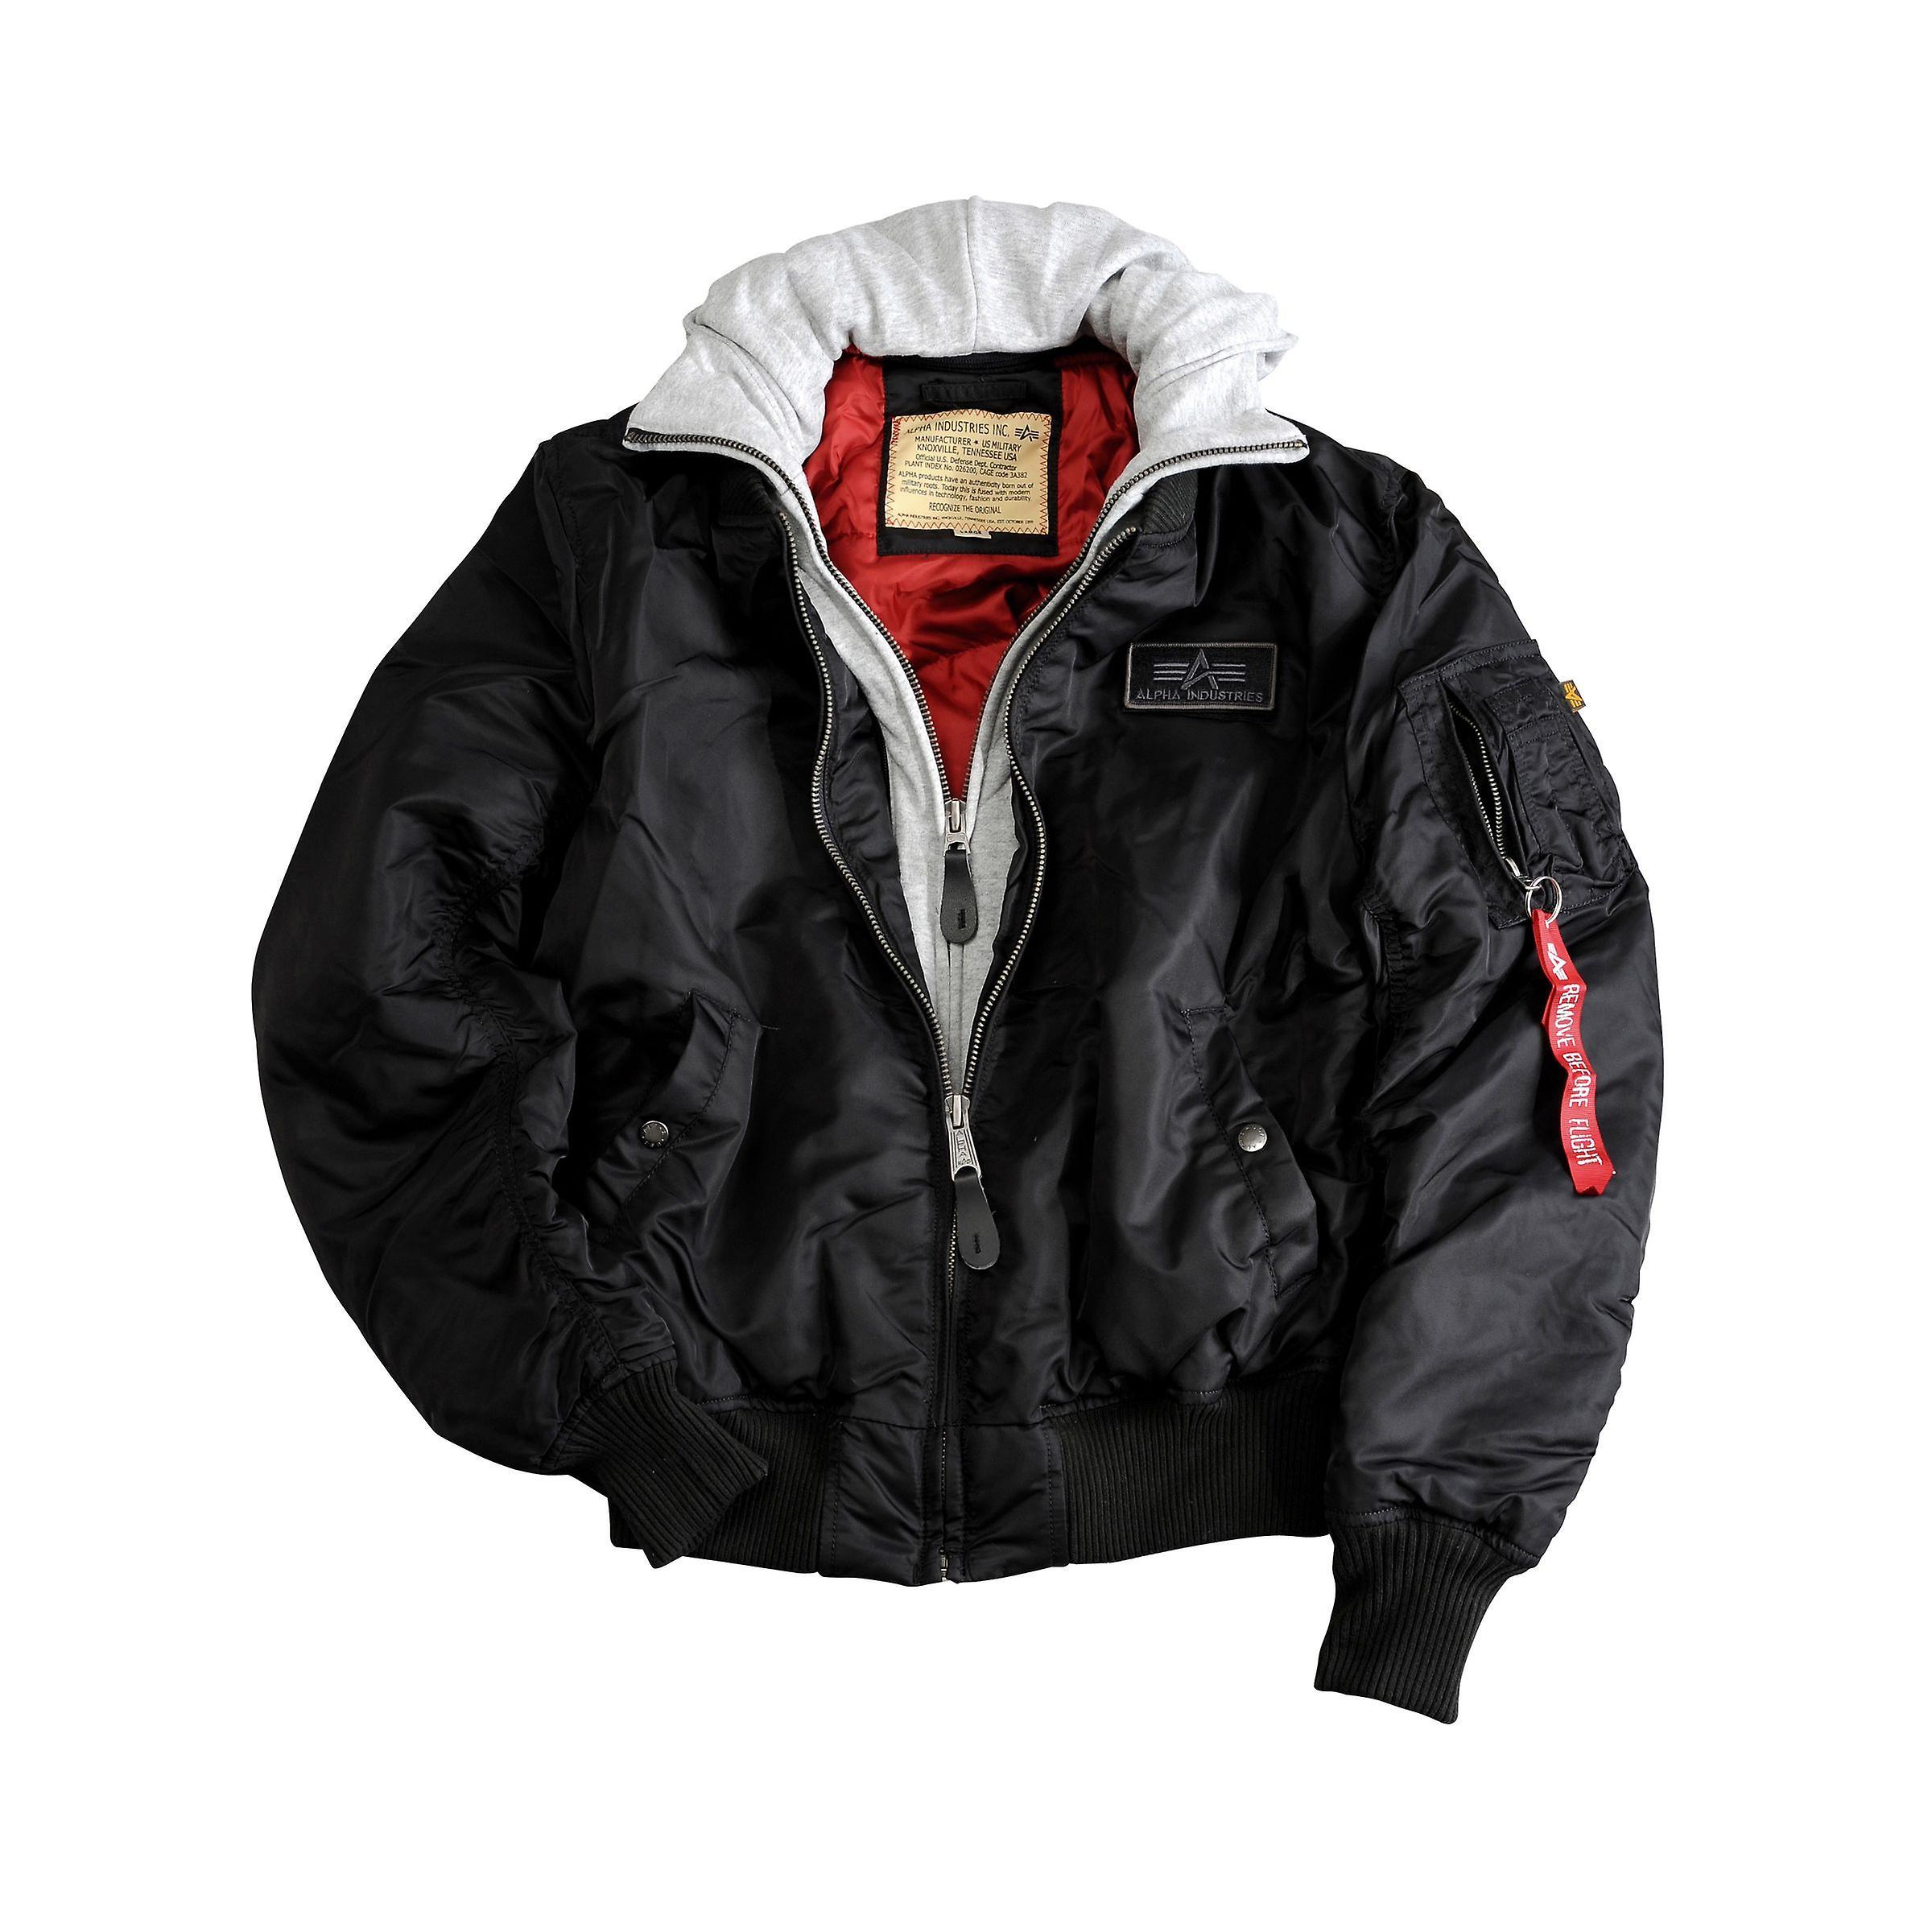 9d7acaae5 Alpha industries men's bomber jacket MA-1 D-TEC